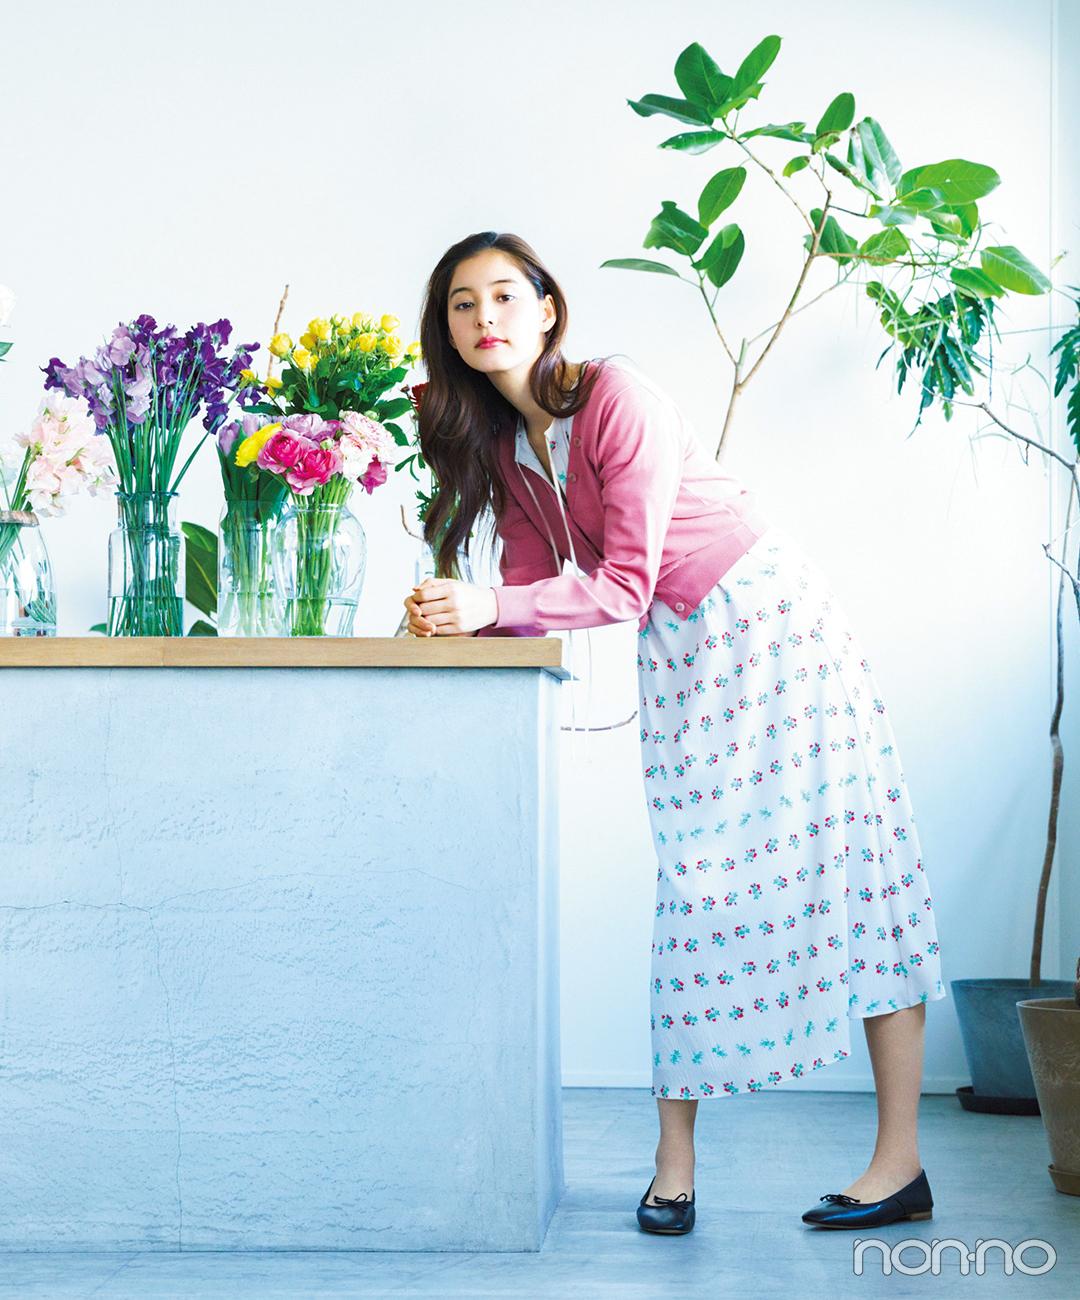 新木優子はロングワンピに華やぎカーデをまとって、春気分を先取り!【毎日コーデ】_1_1